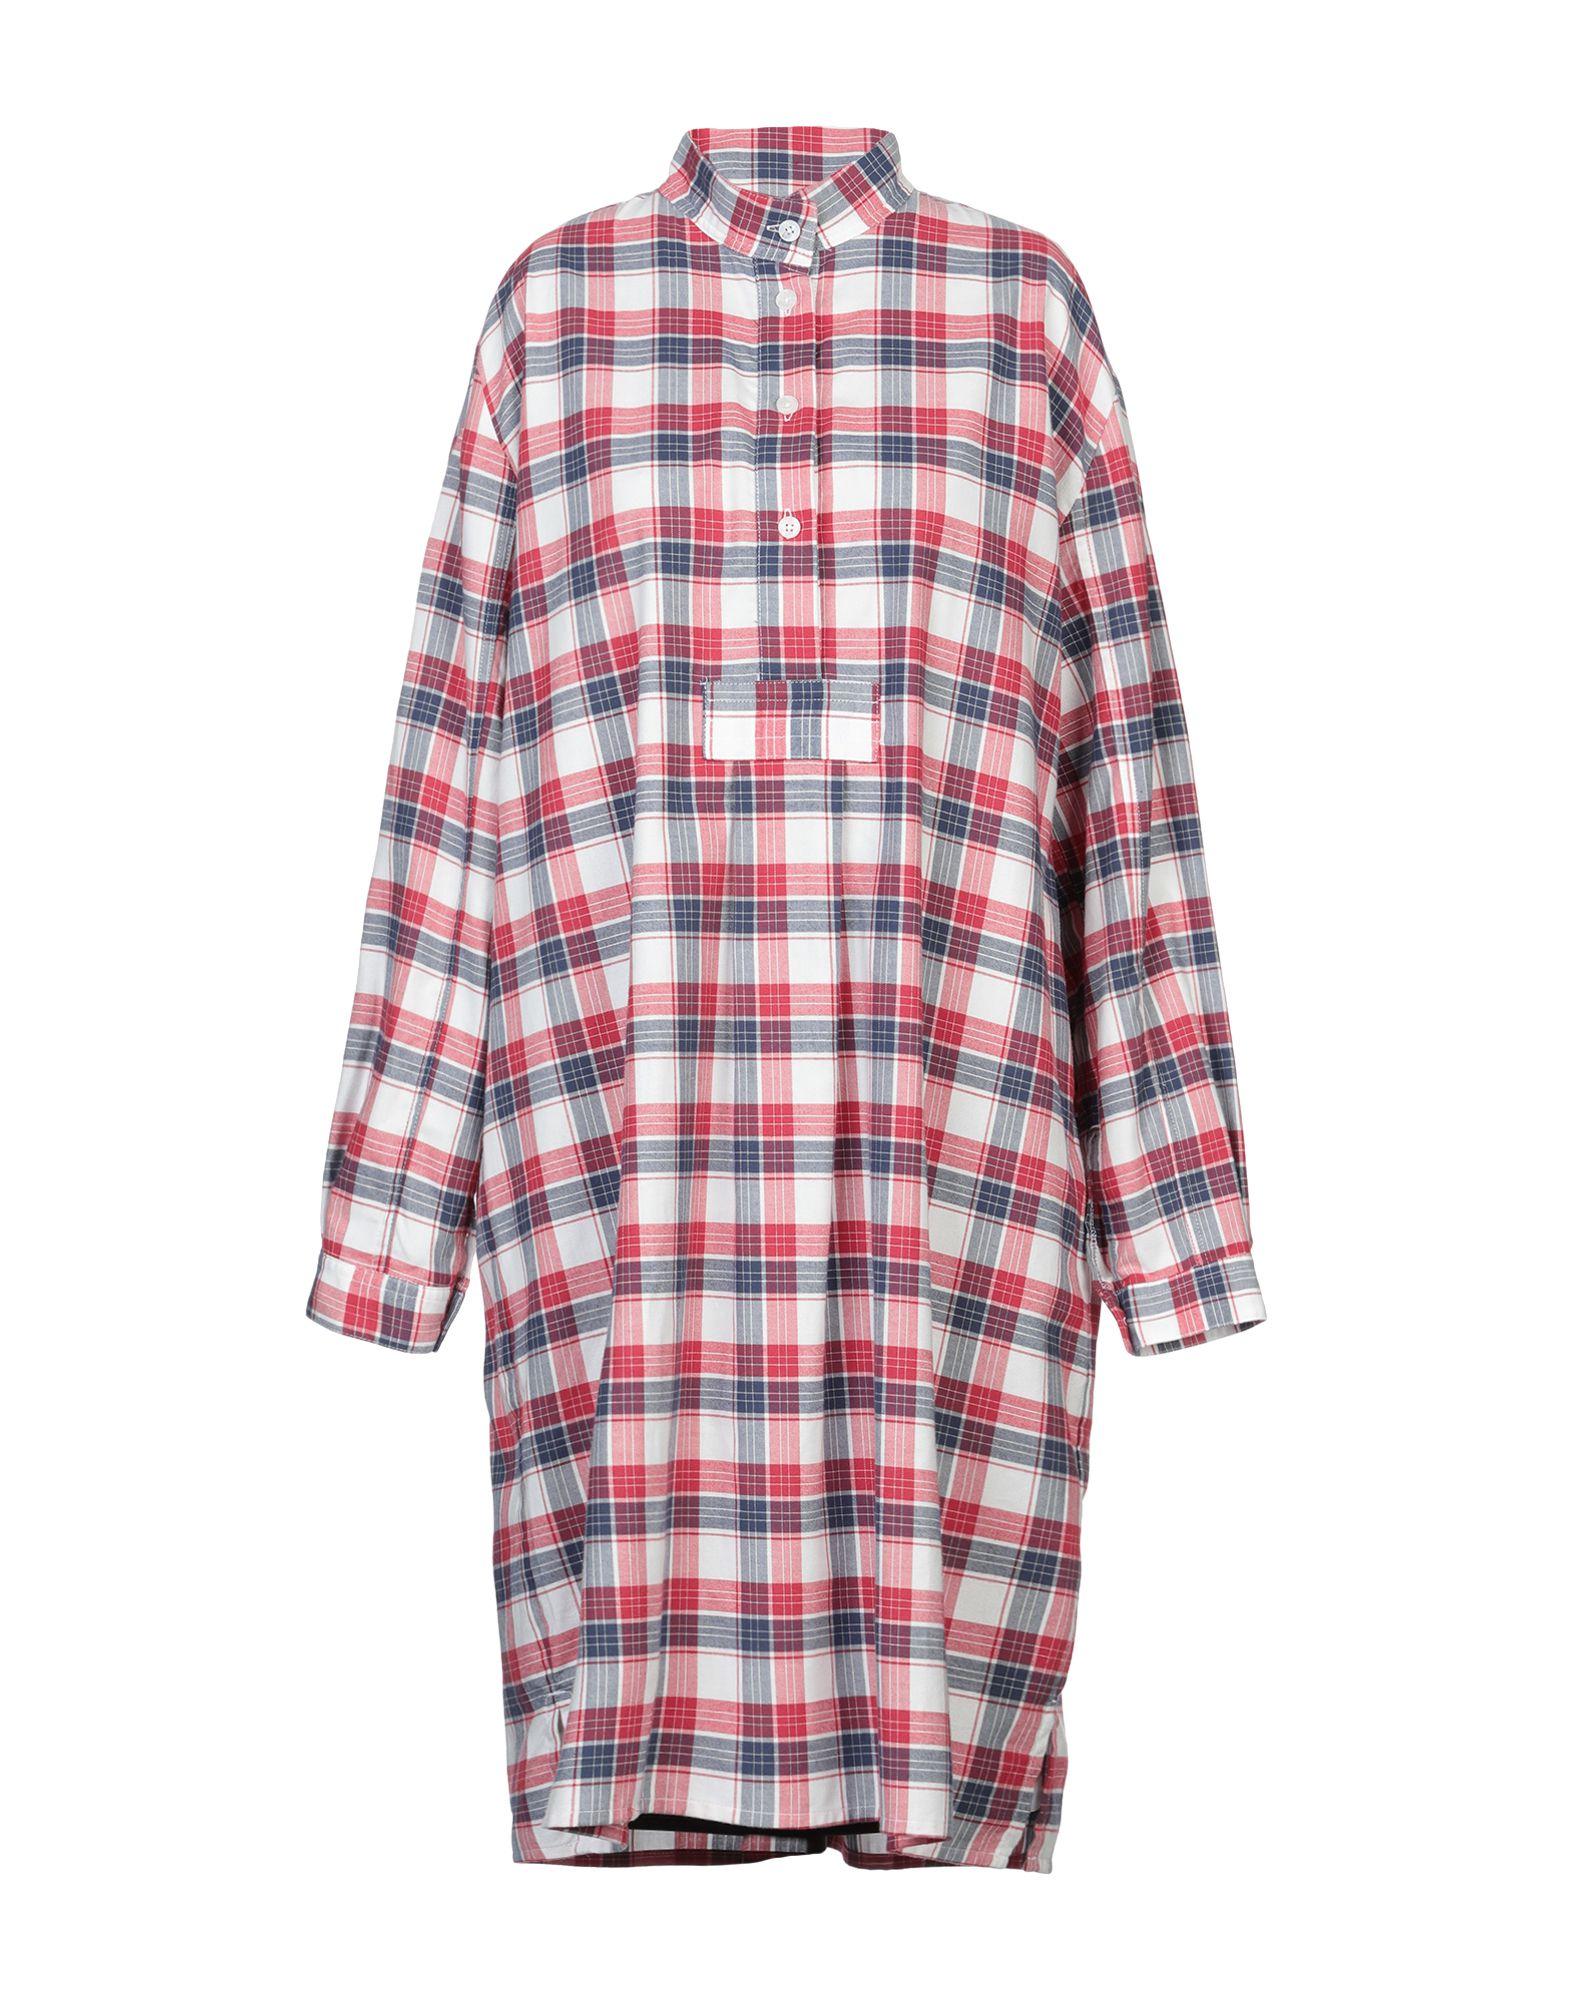 THE SLEEP SHIRT Ночная рубашка цены онлайн